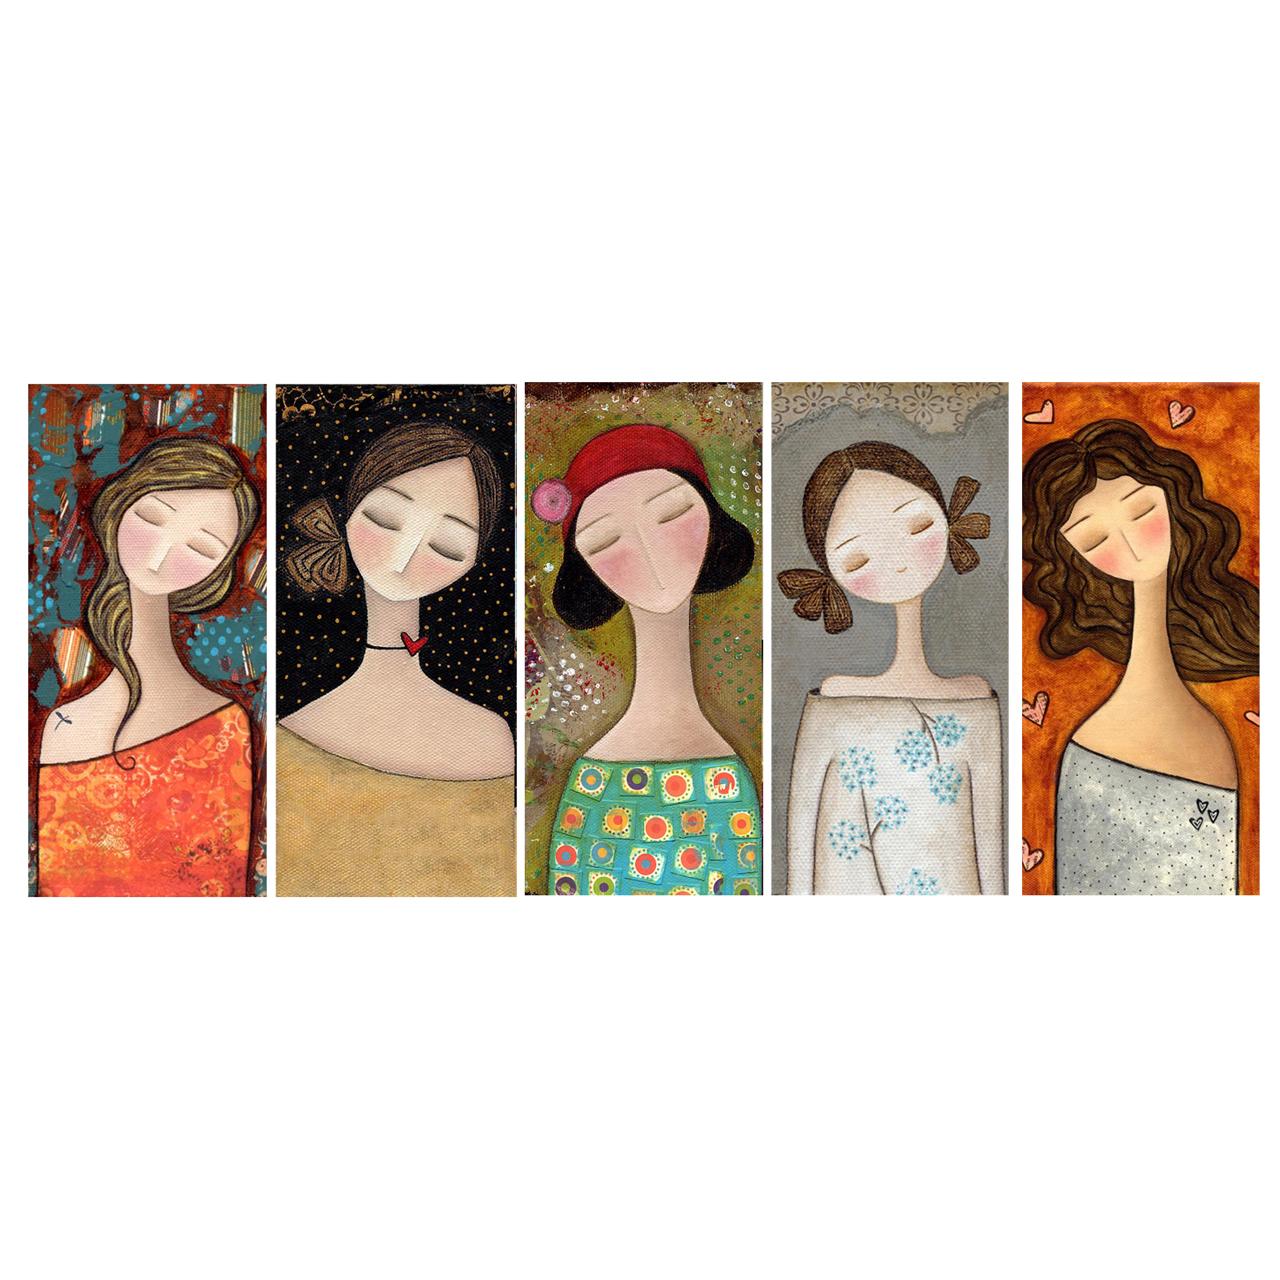 مگنت مدل دختران آفتاب کد 8 مجموعه 5 عددی